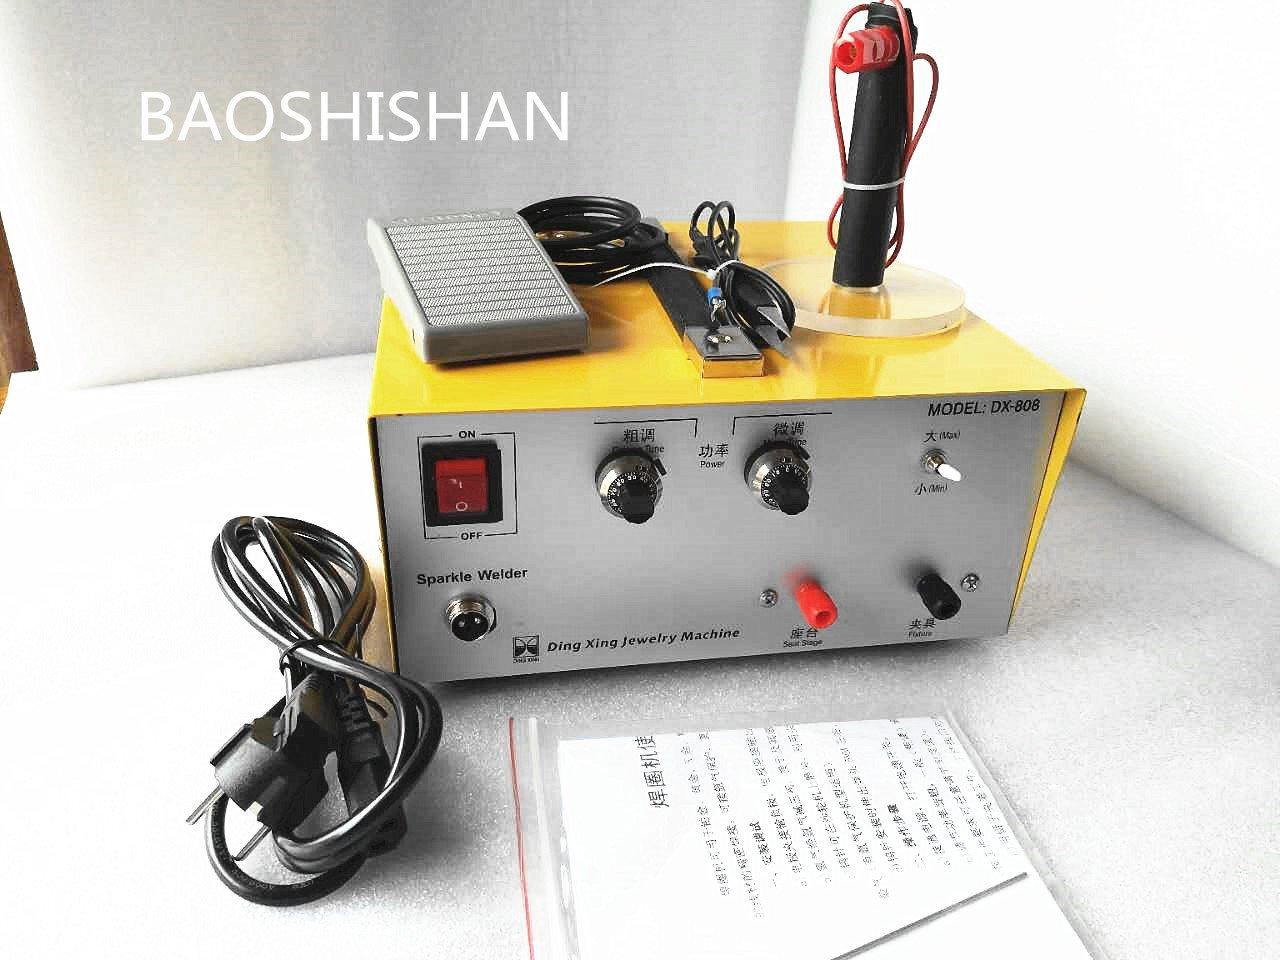 BAOSHISHAN 110V/220V 2in1 80A 500Wパルススポット溶接機 ハンドヘルドパルス 金銀プラチナ溶接マシン リングウェルダー 超強力型 ジュエリーツール (110V) B07BMNRXN5 110V